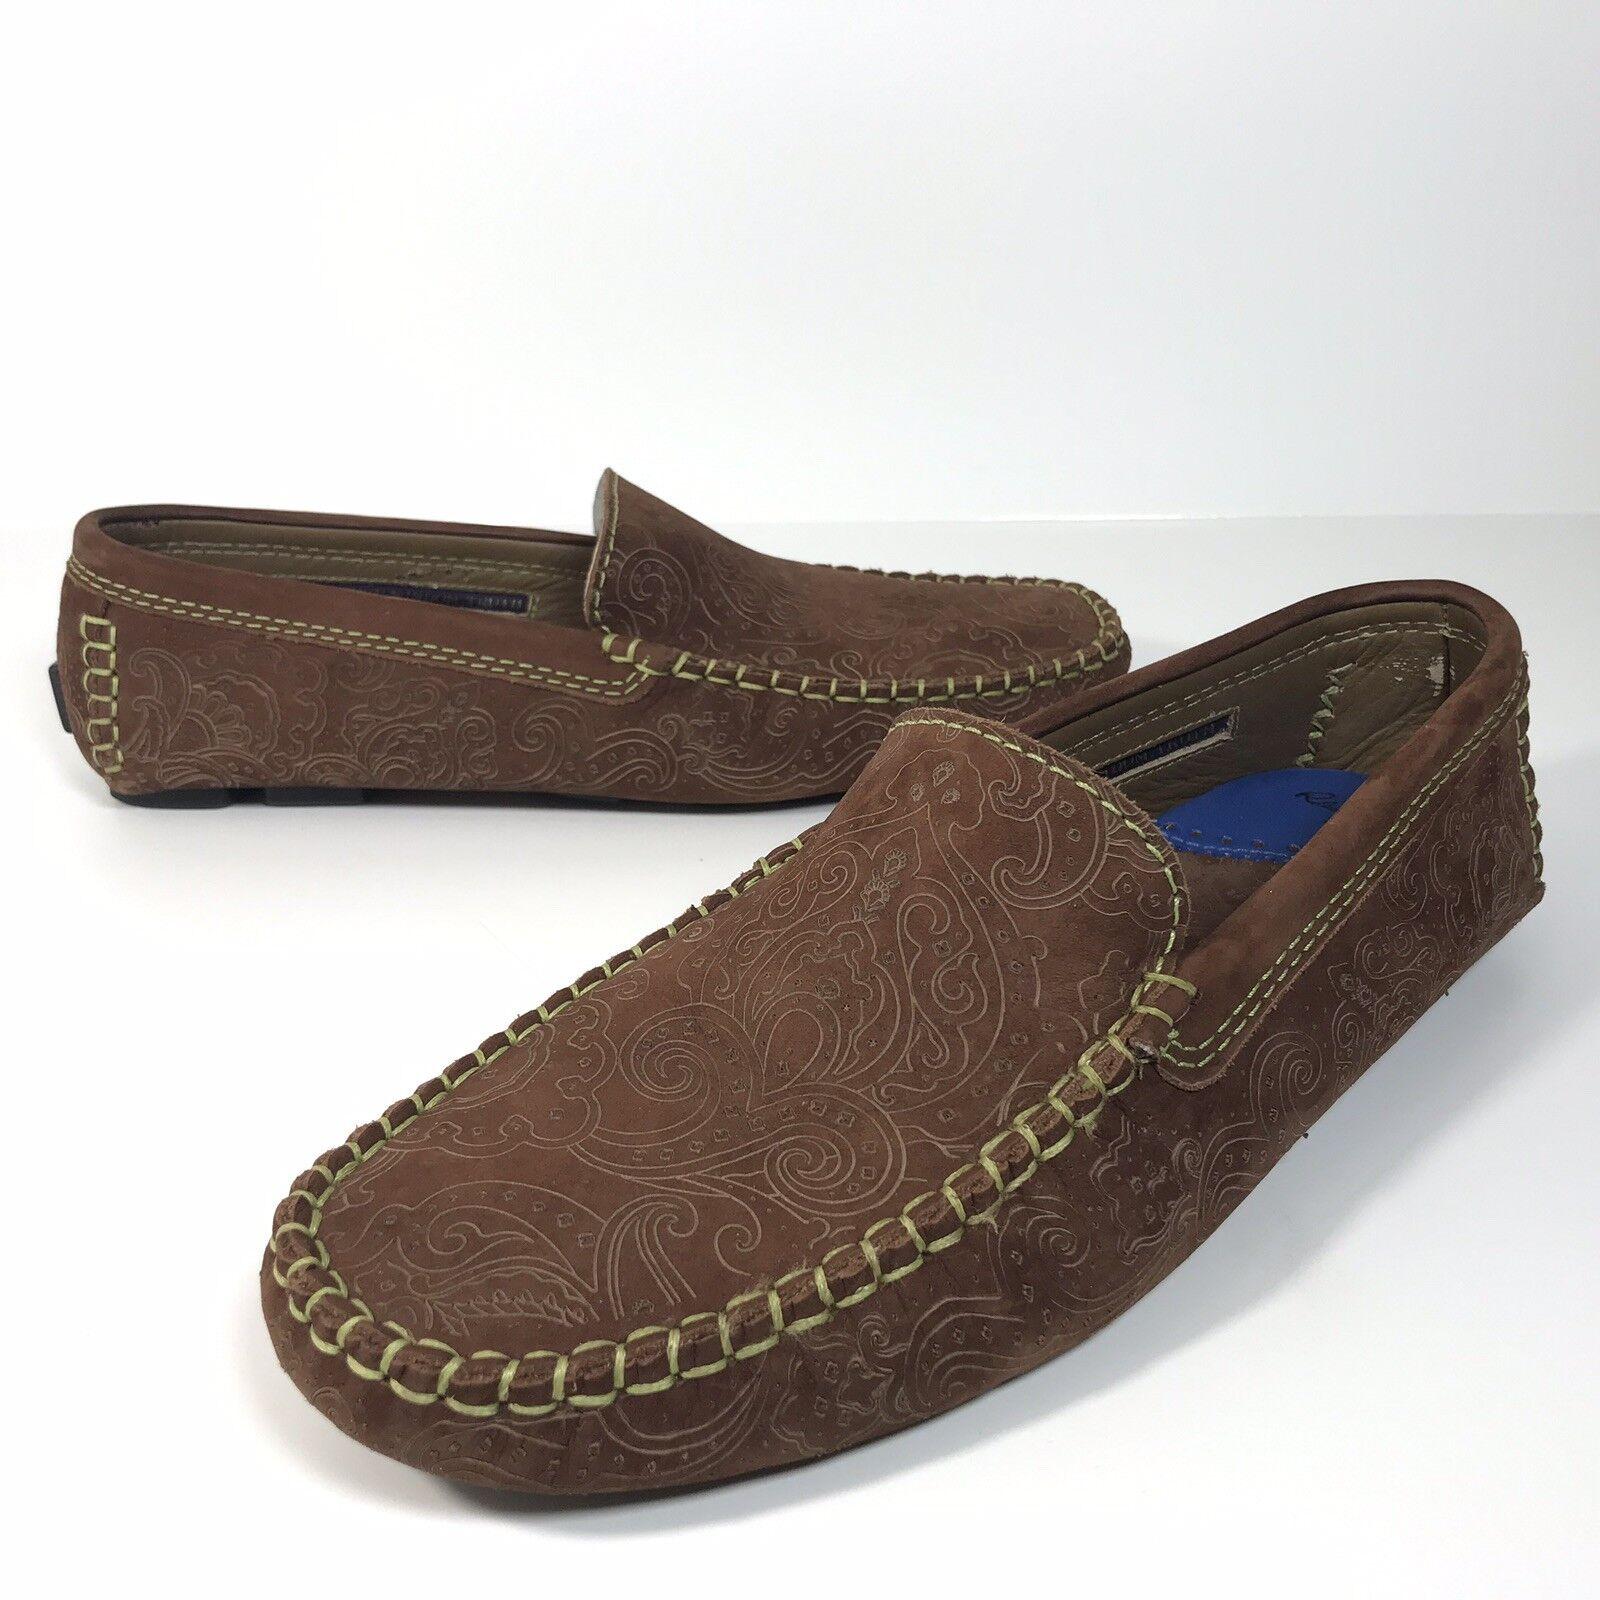 Graham rt Verrazano Cuir hommes Chaussures Mocassins Slip On